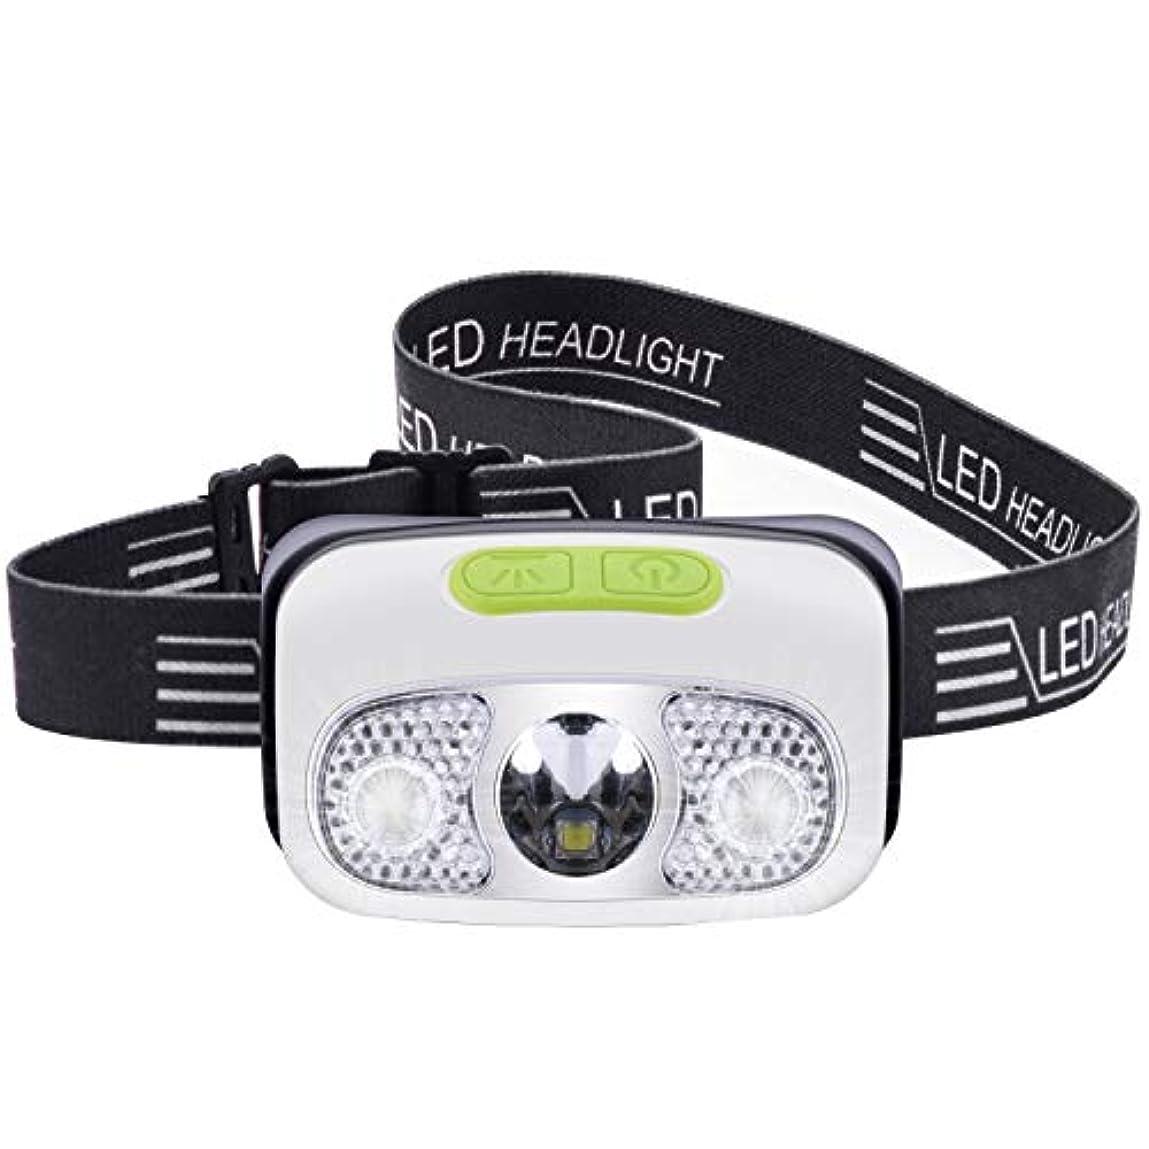 トレーニング瞑想に渡ってヘッドライト usb充電式 4つ明るさモード 300ルーメン 角度調節可能